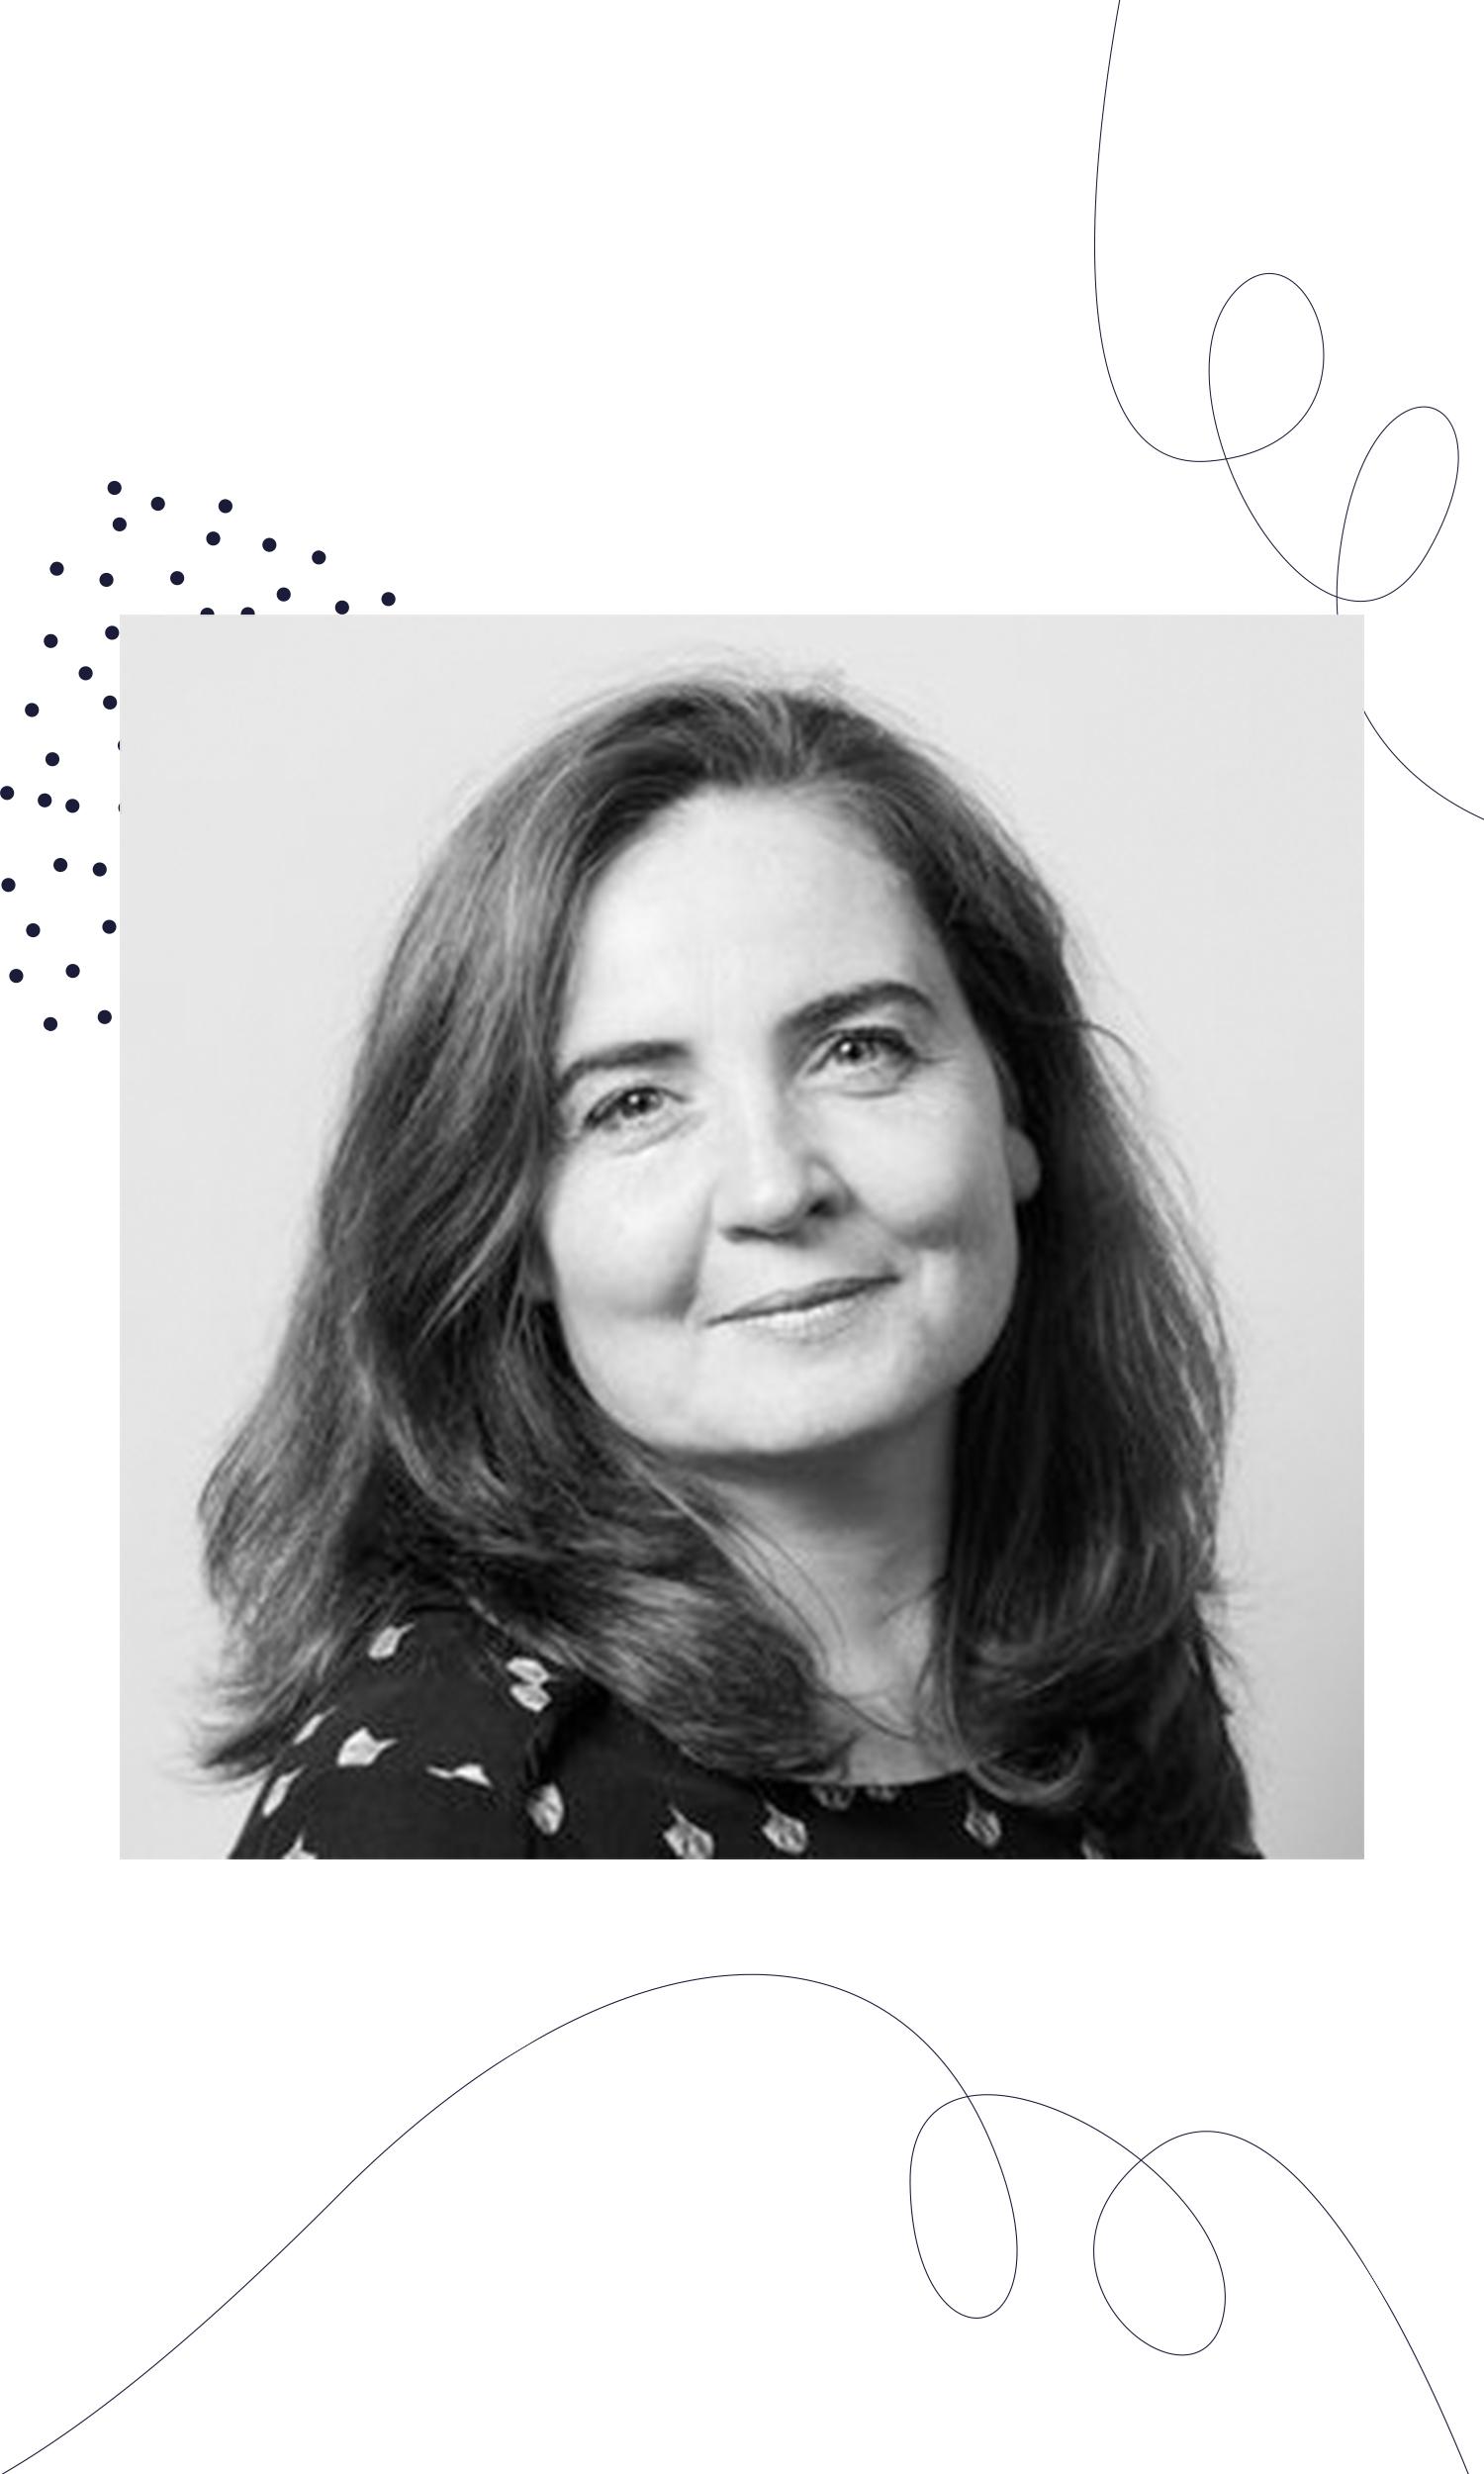 Dorte Nielsen - Dorte Nielsen este expert global in educatie si creativitate, iar in ultimii 12 ani a predat cursuri de gandire creativa in cadrul Danish School of Media and Journalism din Danemarca. Pe langa rolul de profesor, Dorte faciliteaza ateliere de creative-problem-solving pentru companii, si este autorul mai multor carti si culegeri de exercitii practice pe tema creativitatii si gandirii creative.